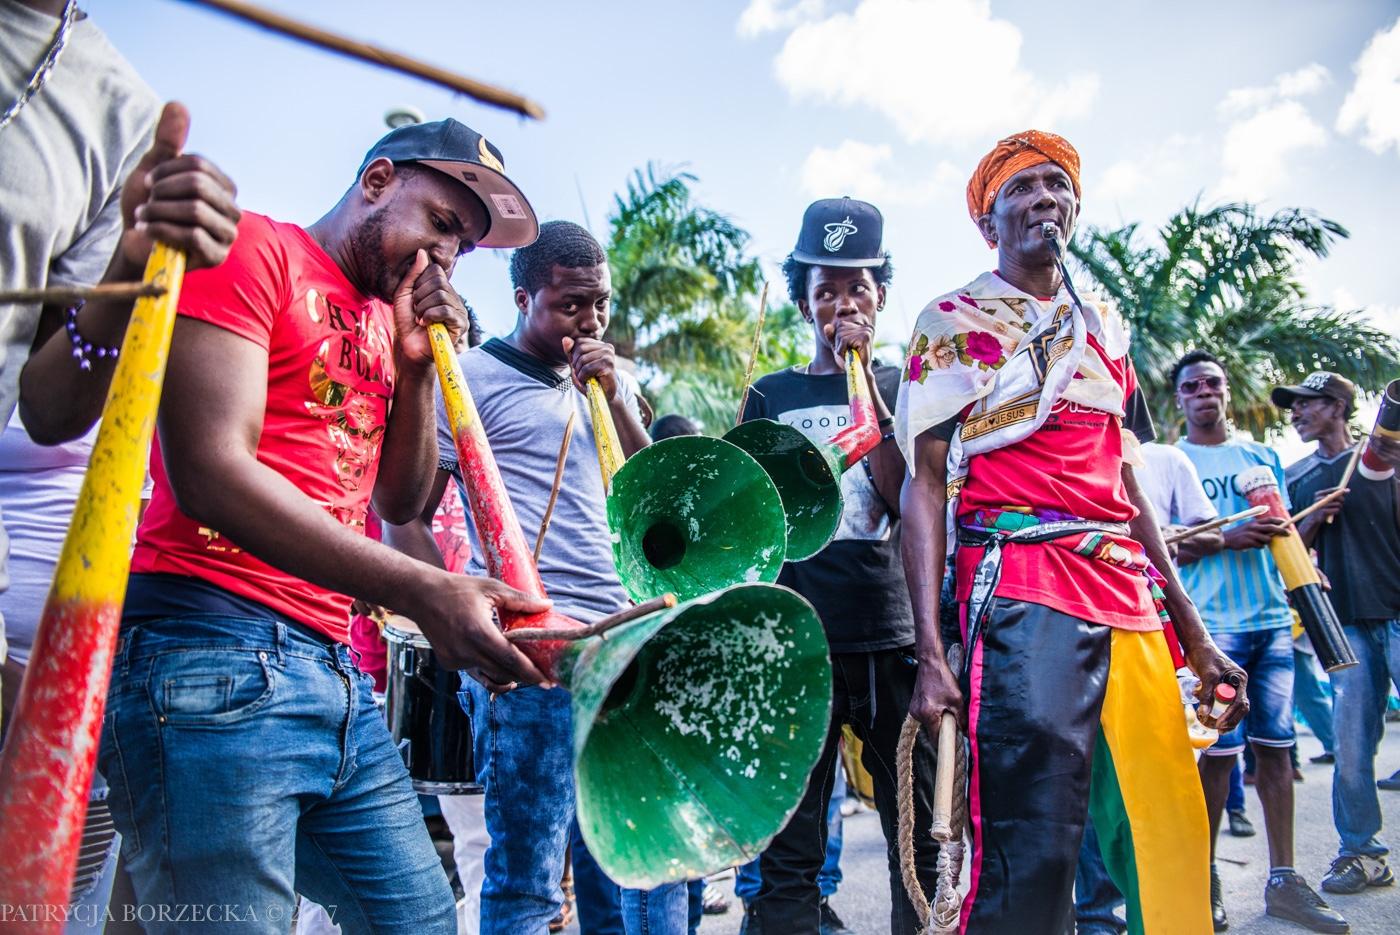 PatrycjaBorzecka-Photo-Carnival-Punta-Cana06